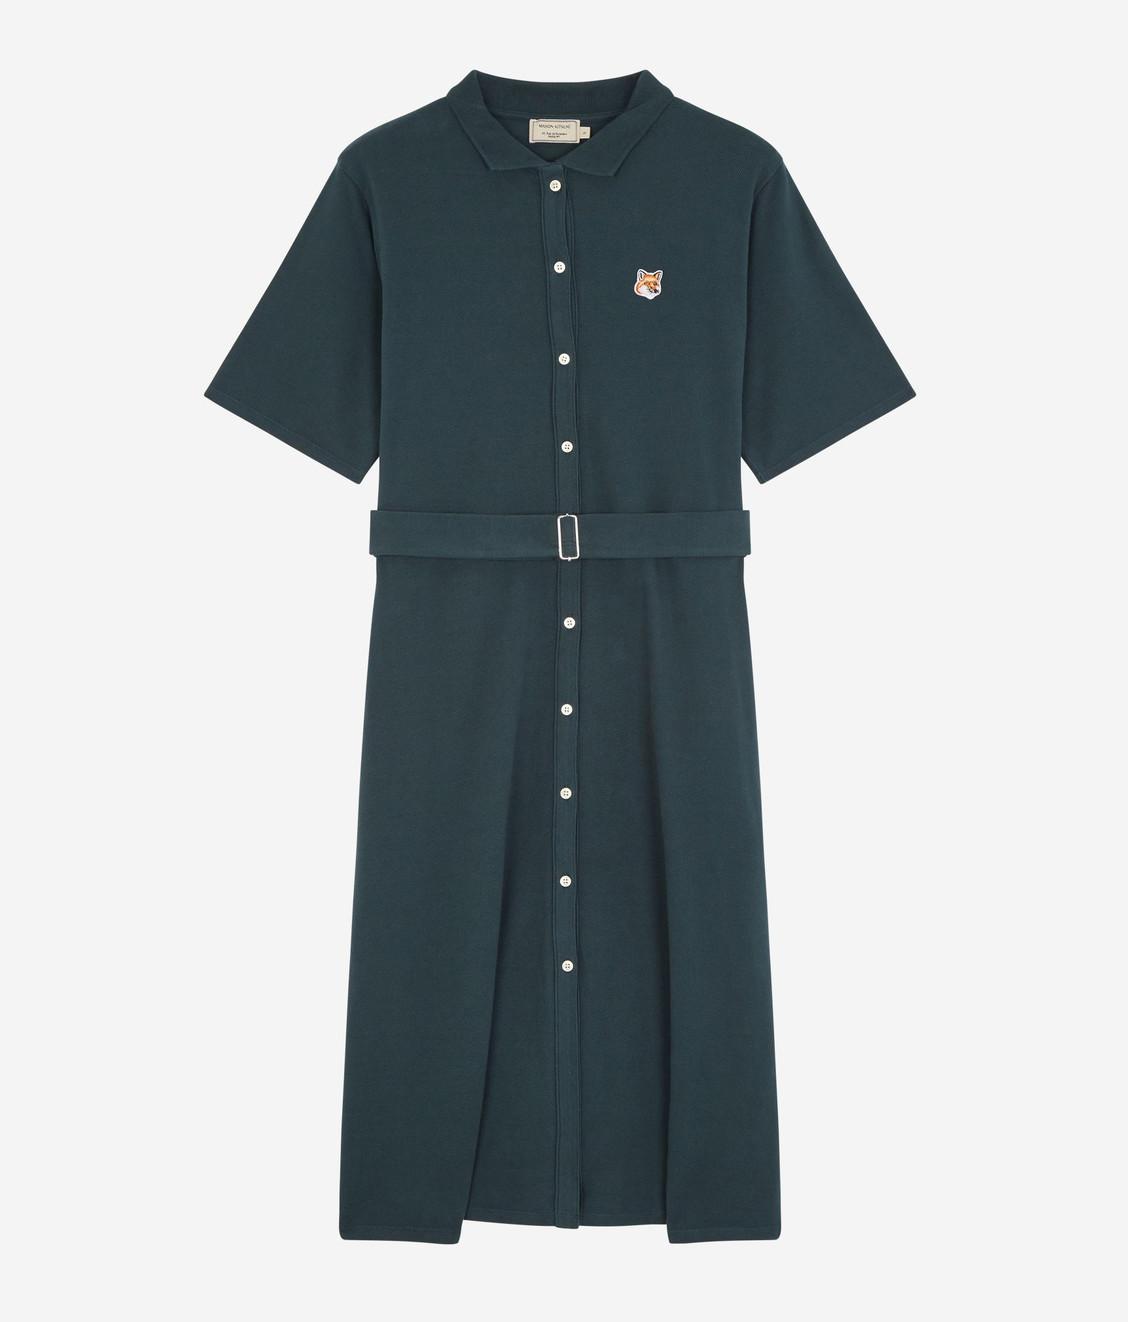 Maison Kitsune Kitsune Pique Polo Dress Forest Green